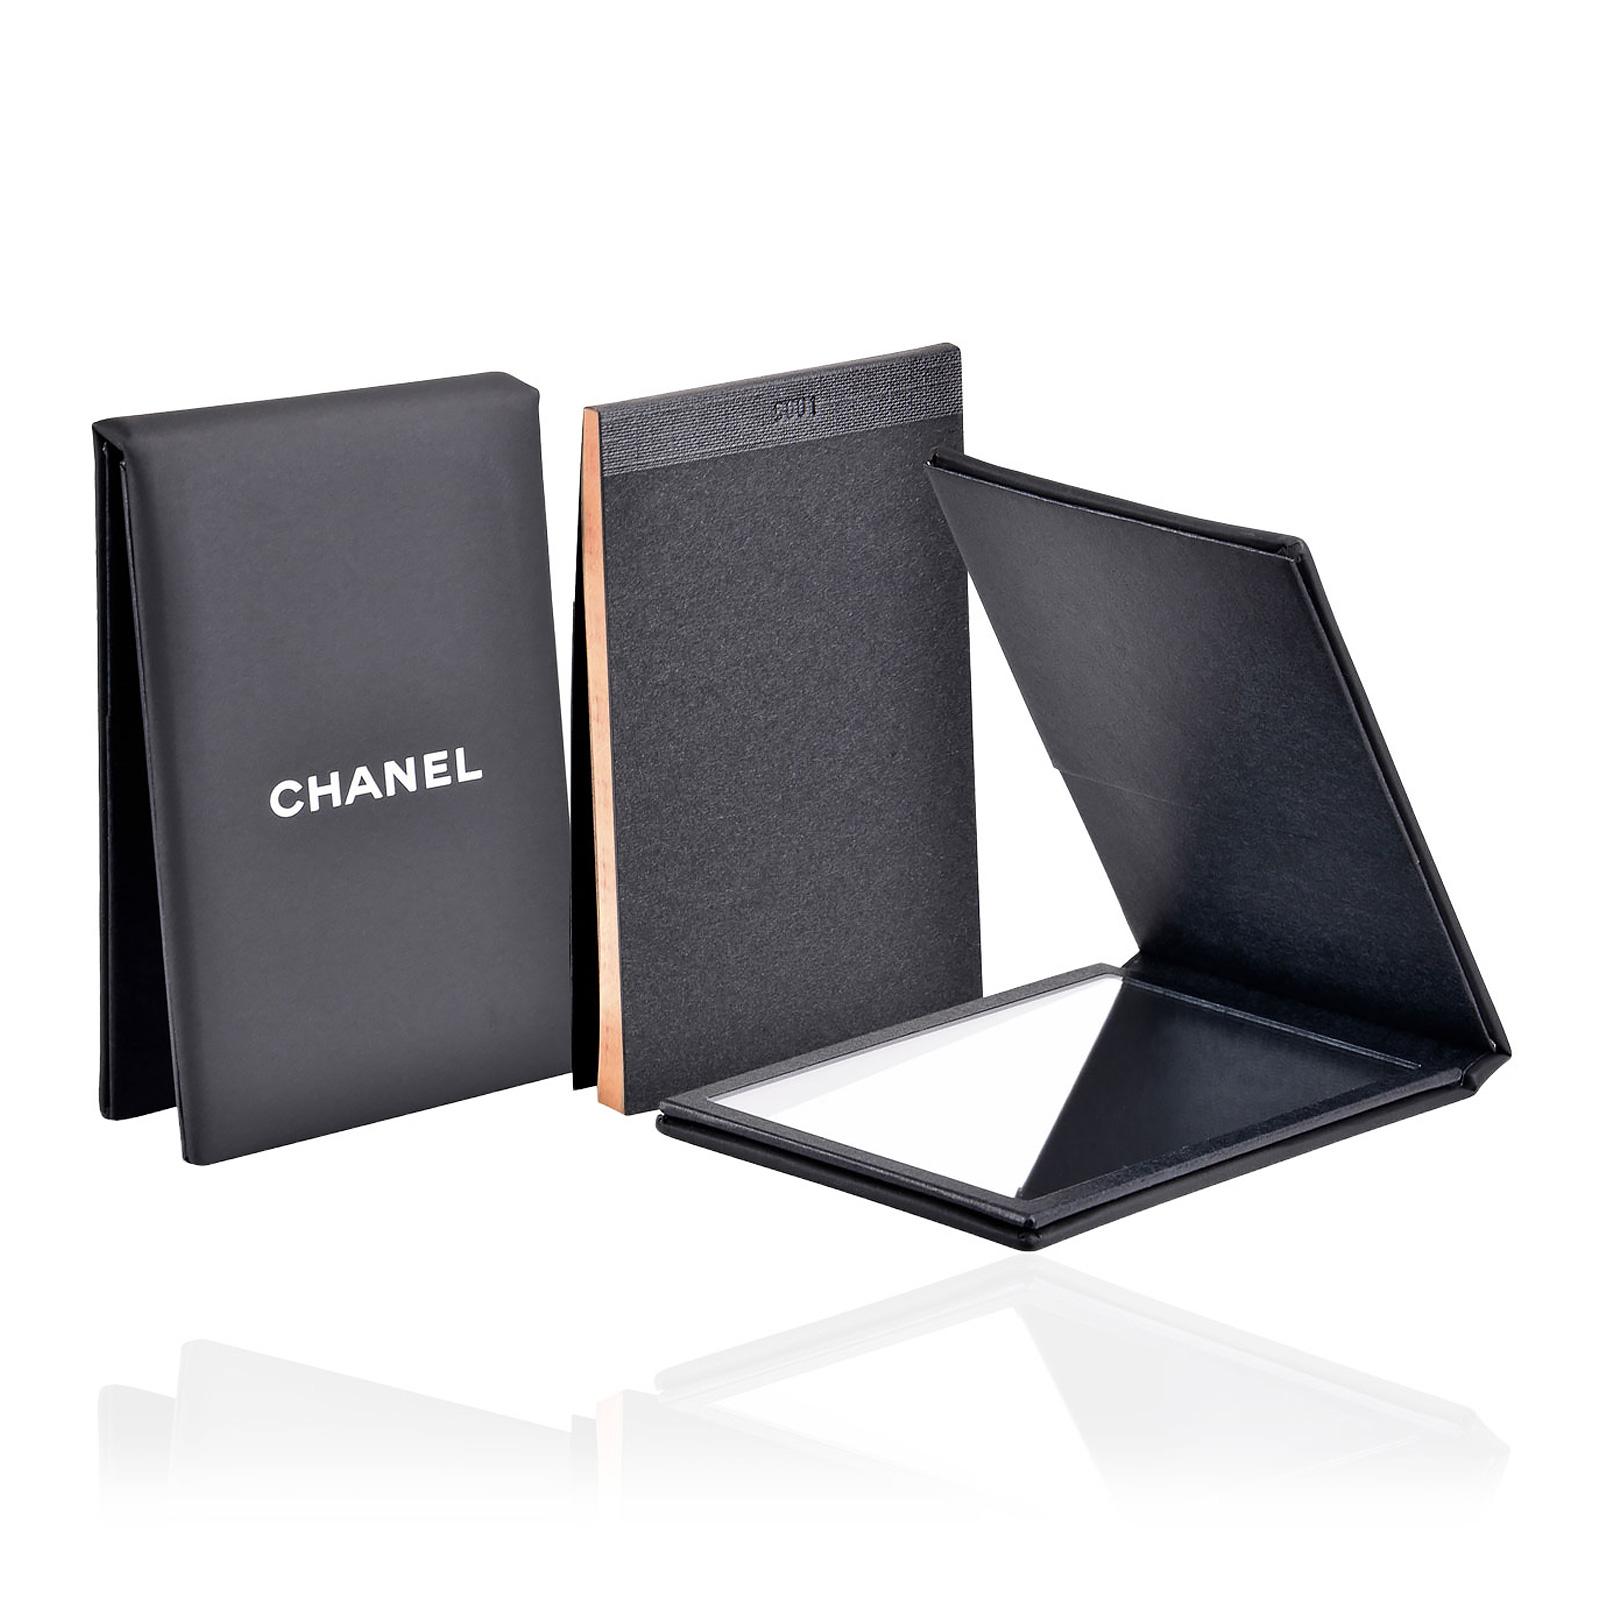 Papier Matifiant De Chanel Blotting Papers